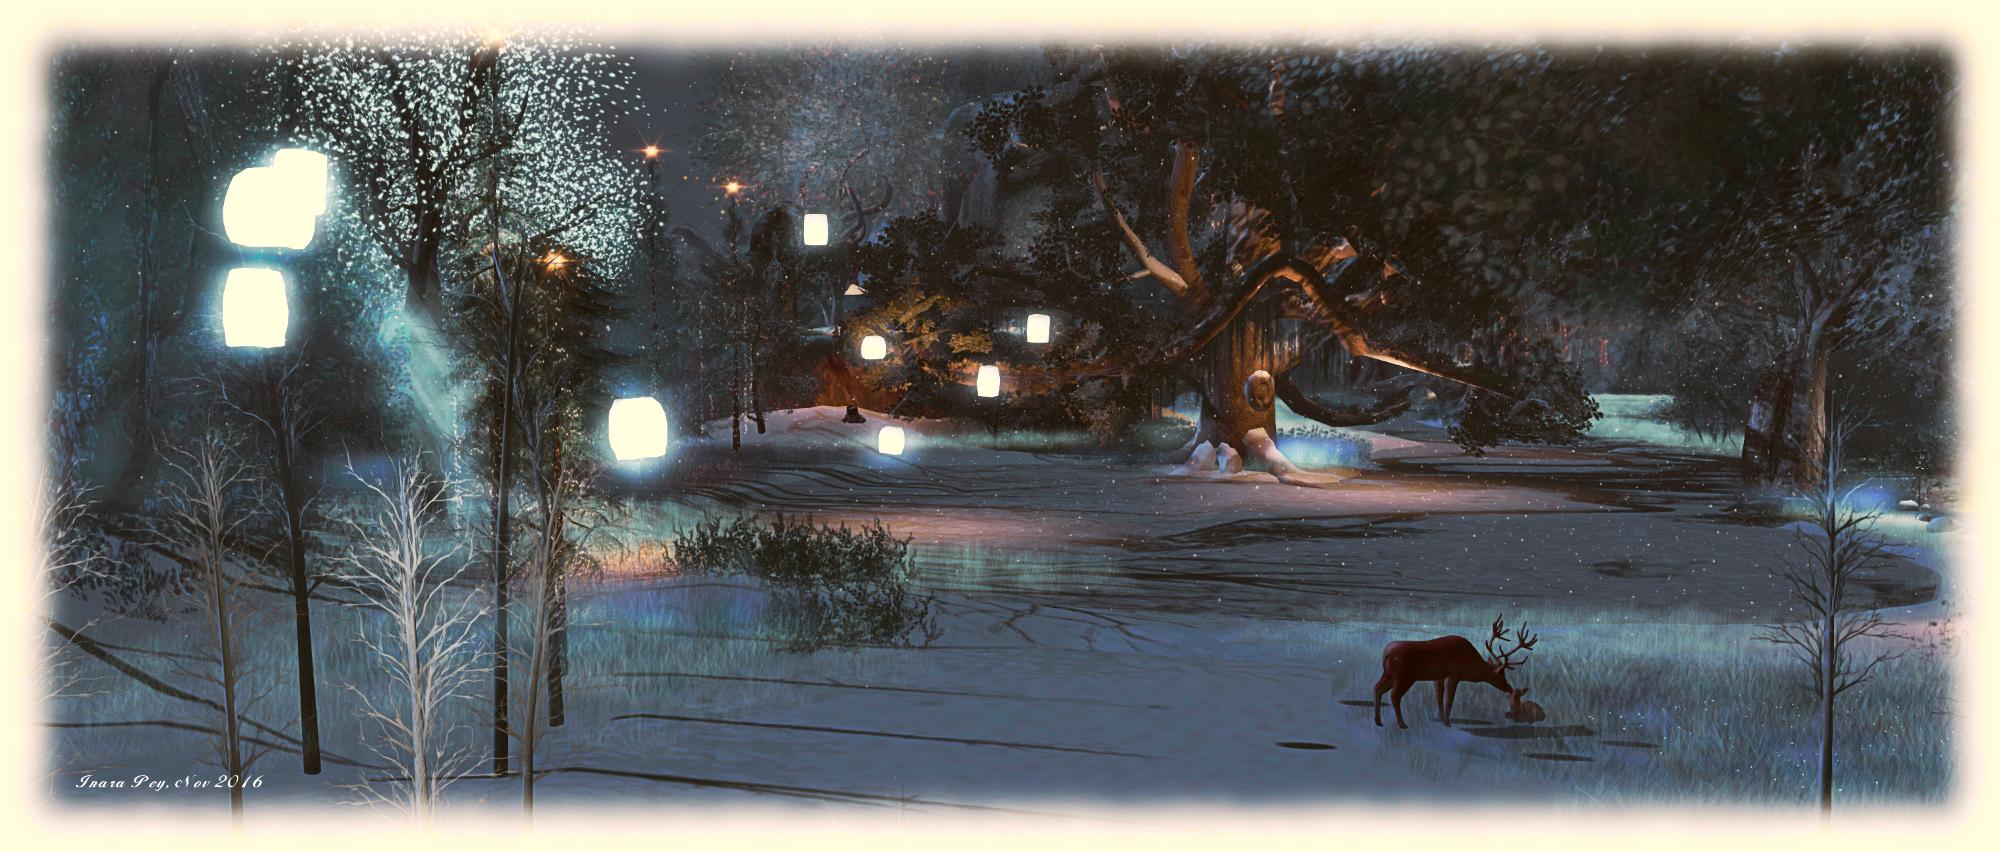 Telrunya Winter; Inara Pey, November 2016, on Flickr